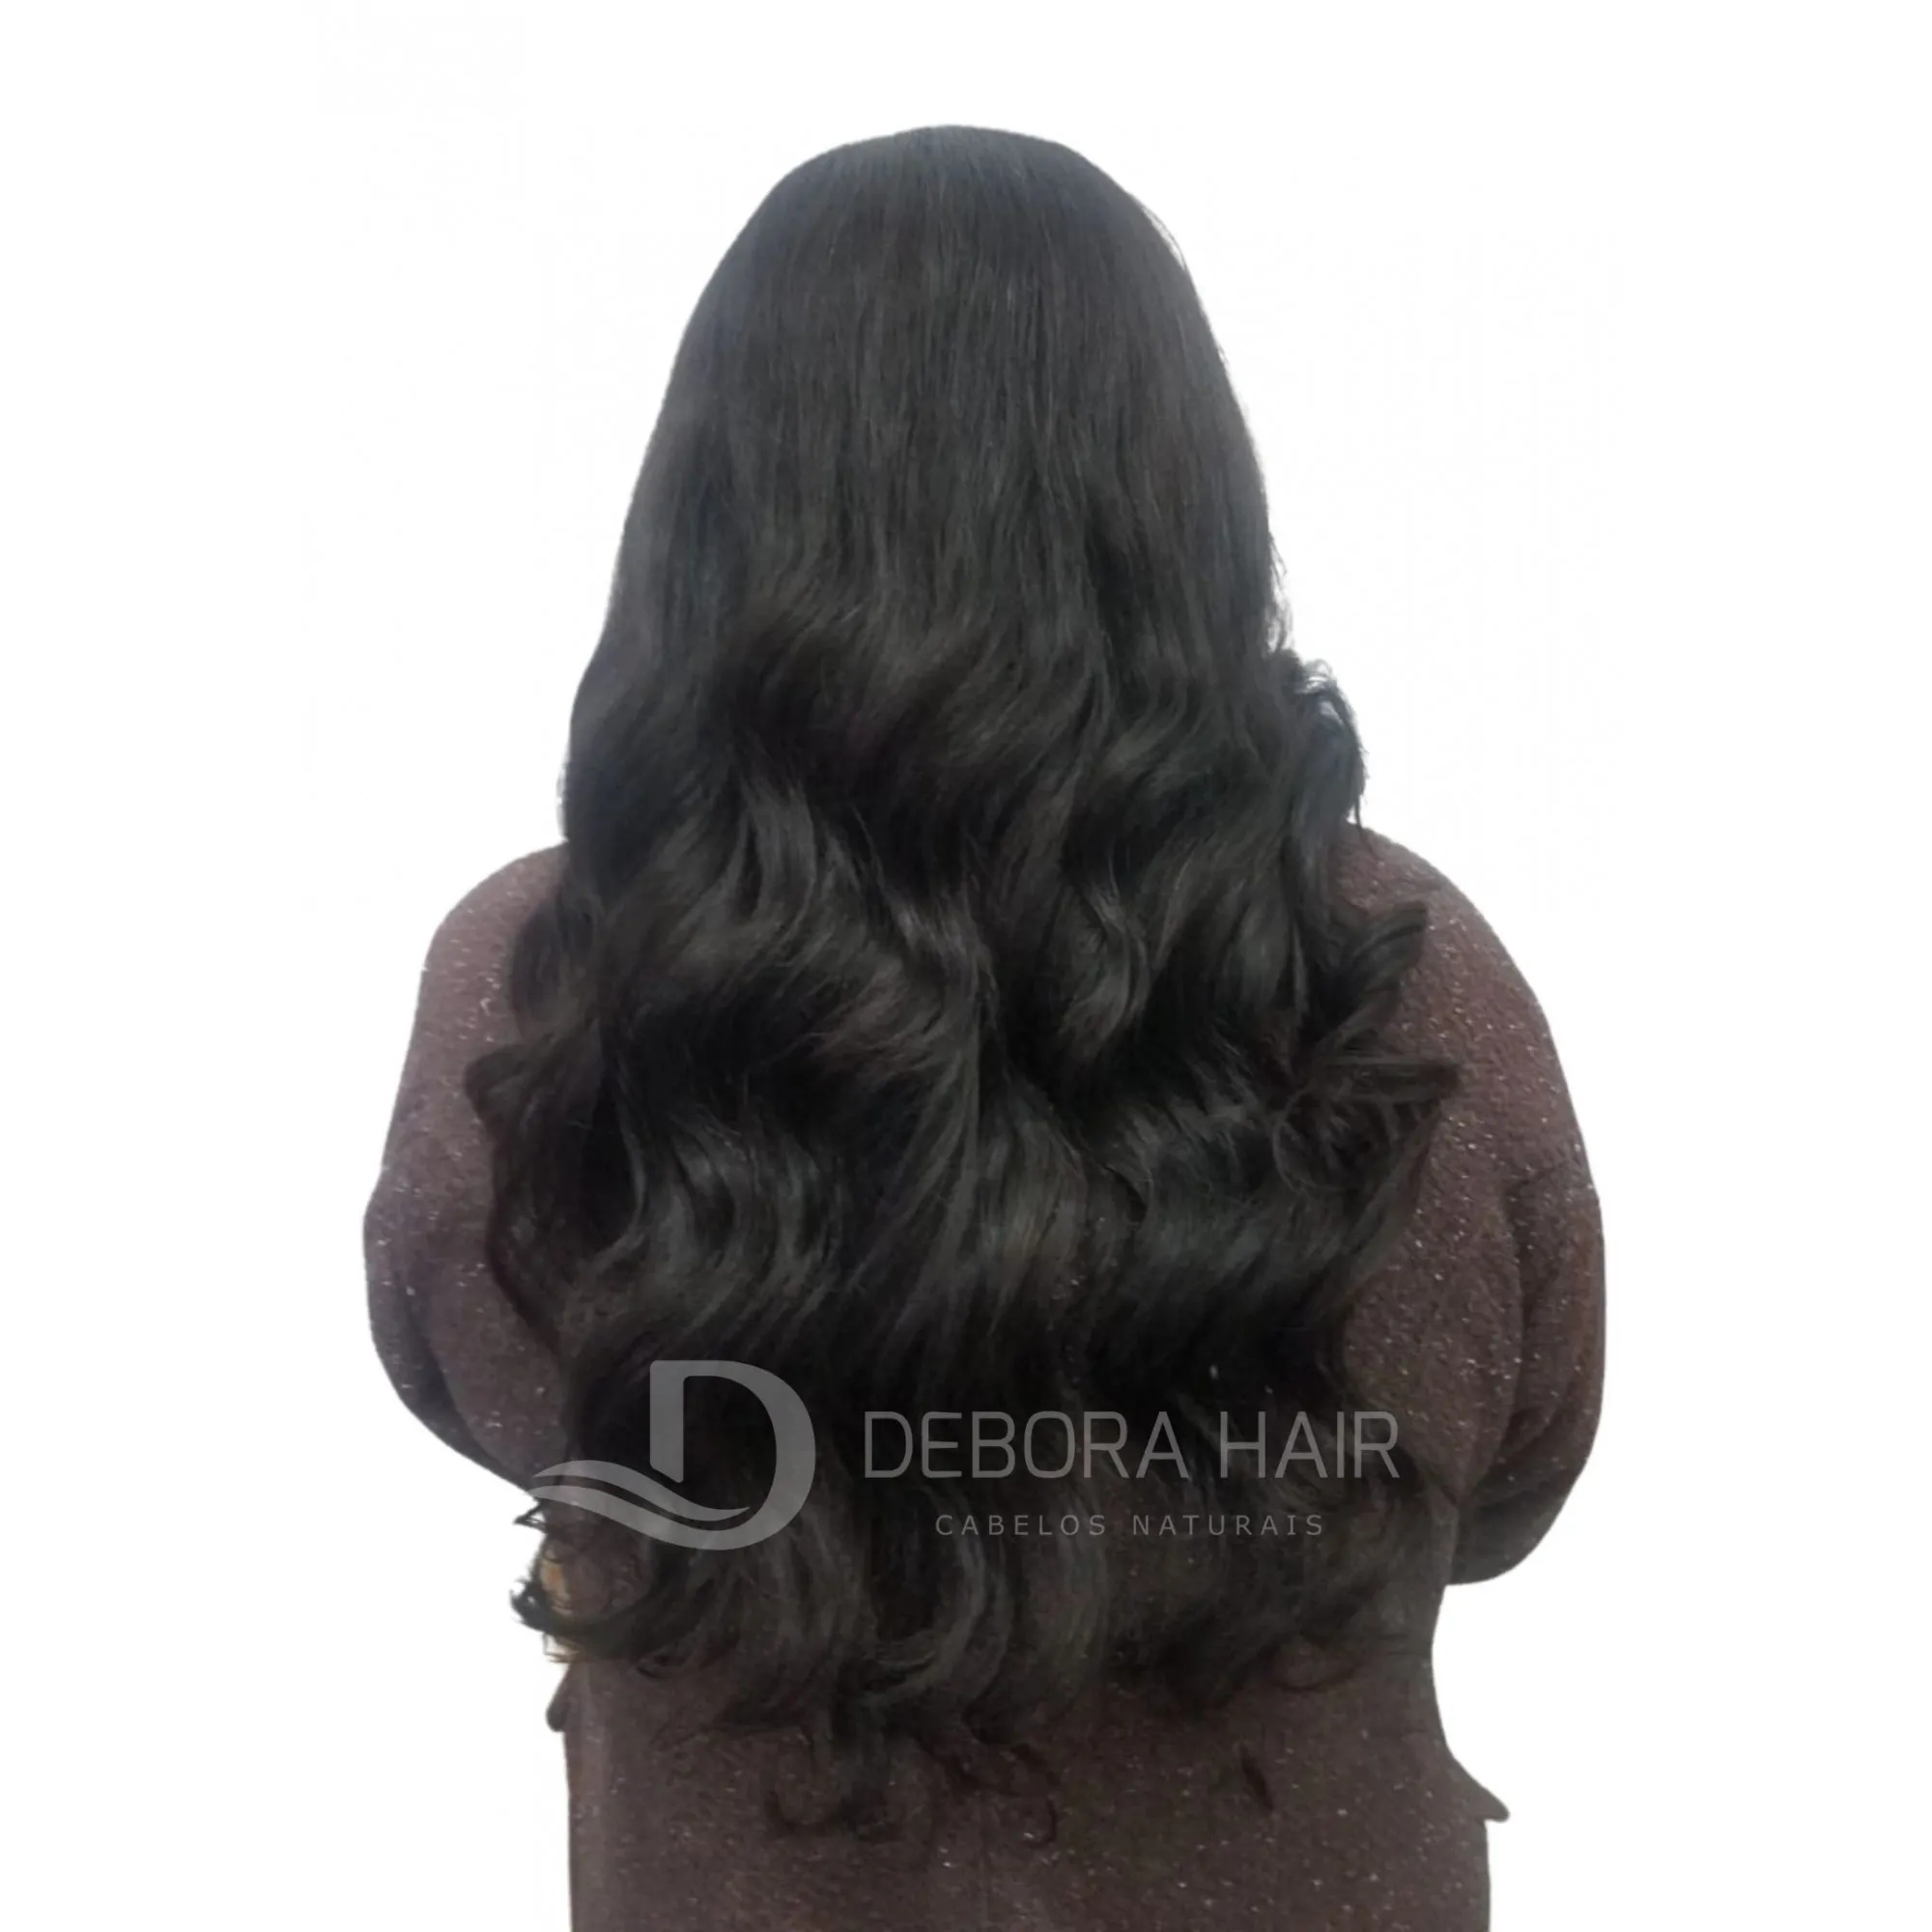 Cabelo Natural Leve Ondulado Castanho de 65 cm  - DEBORA HAIR